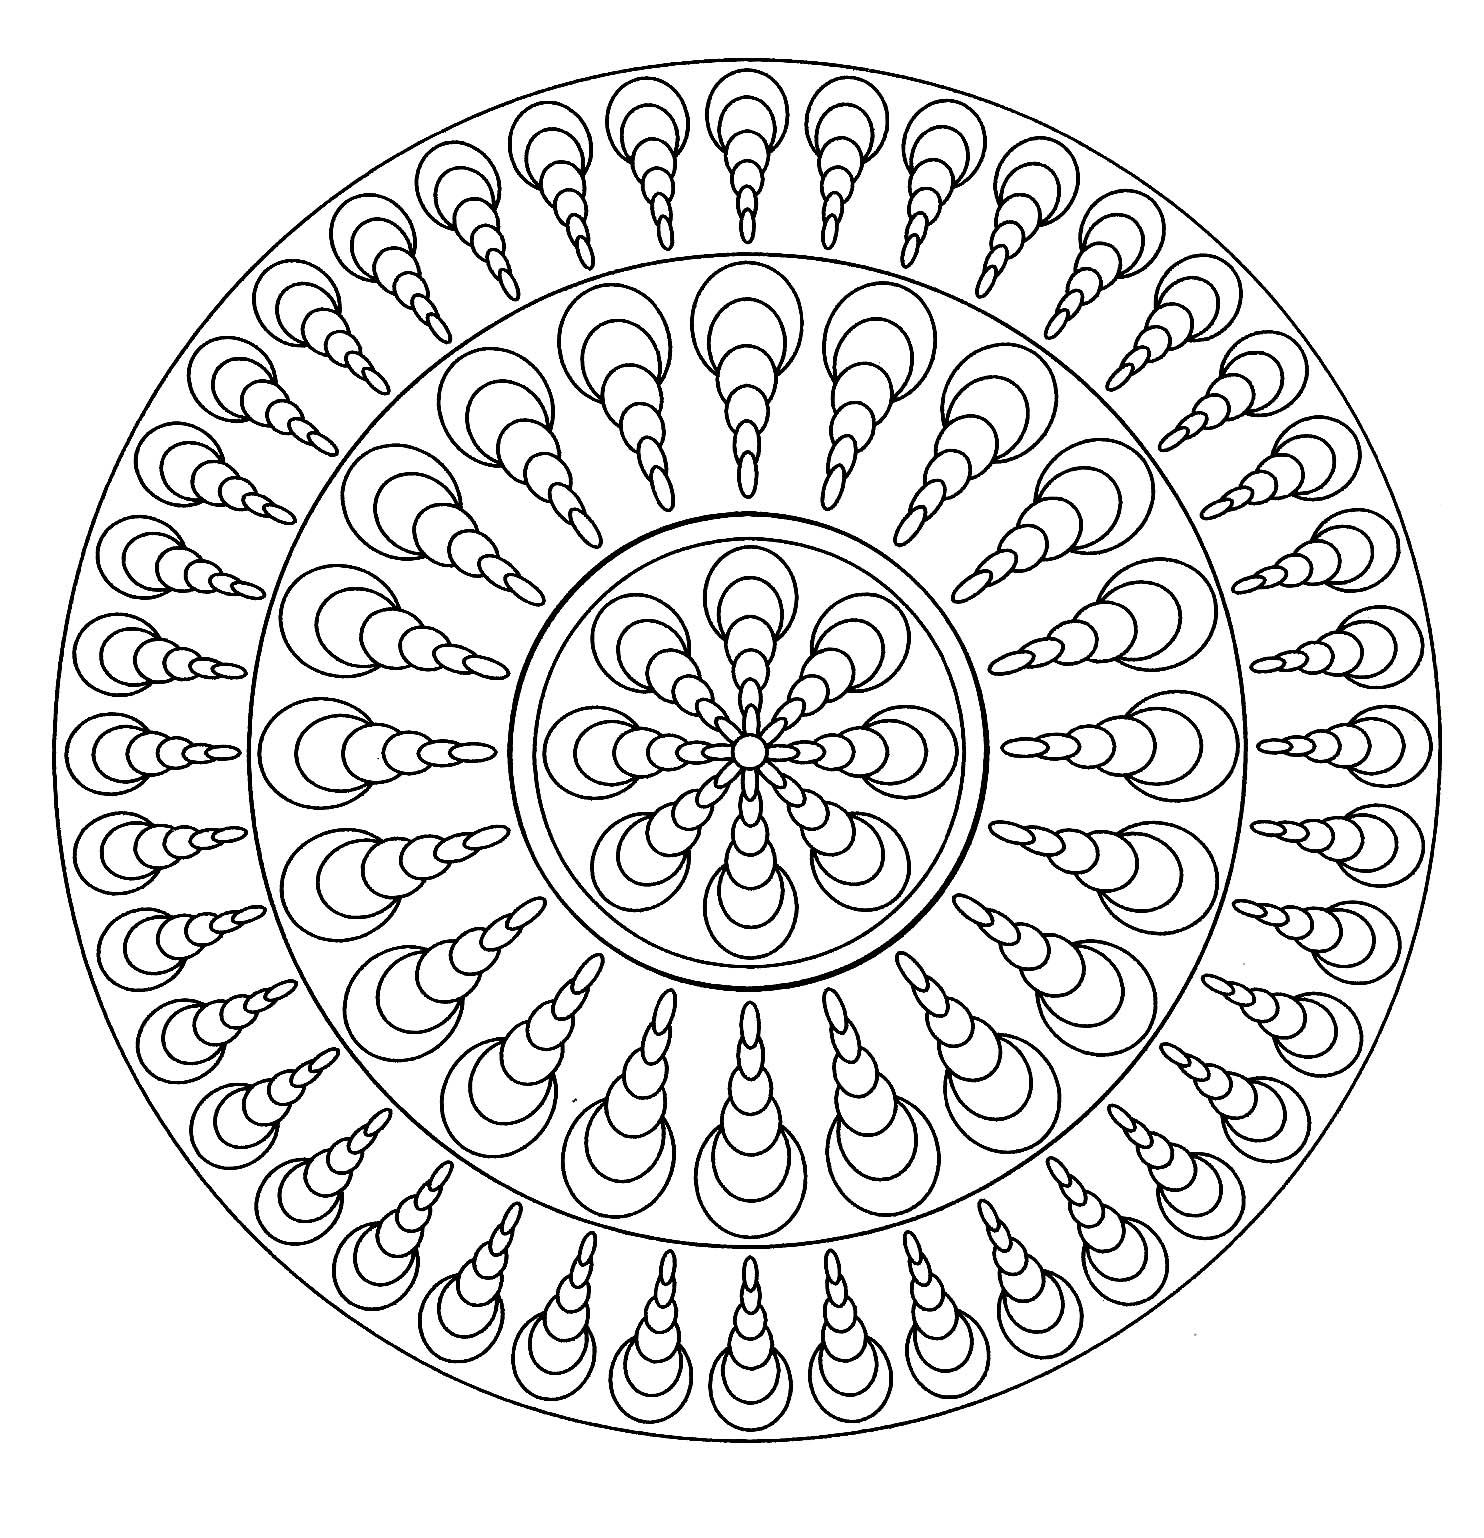 Mandala coquillages mandalas de difficult normale 100 mandalas zen anti stress - Mandala facile ...